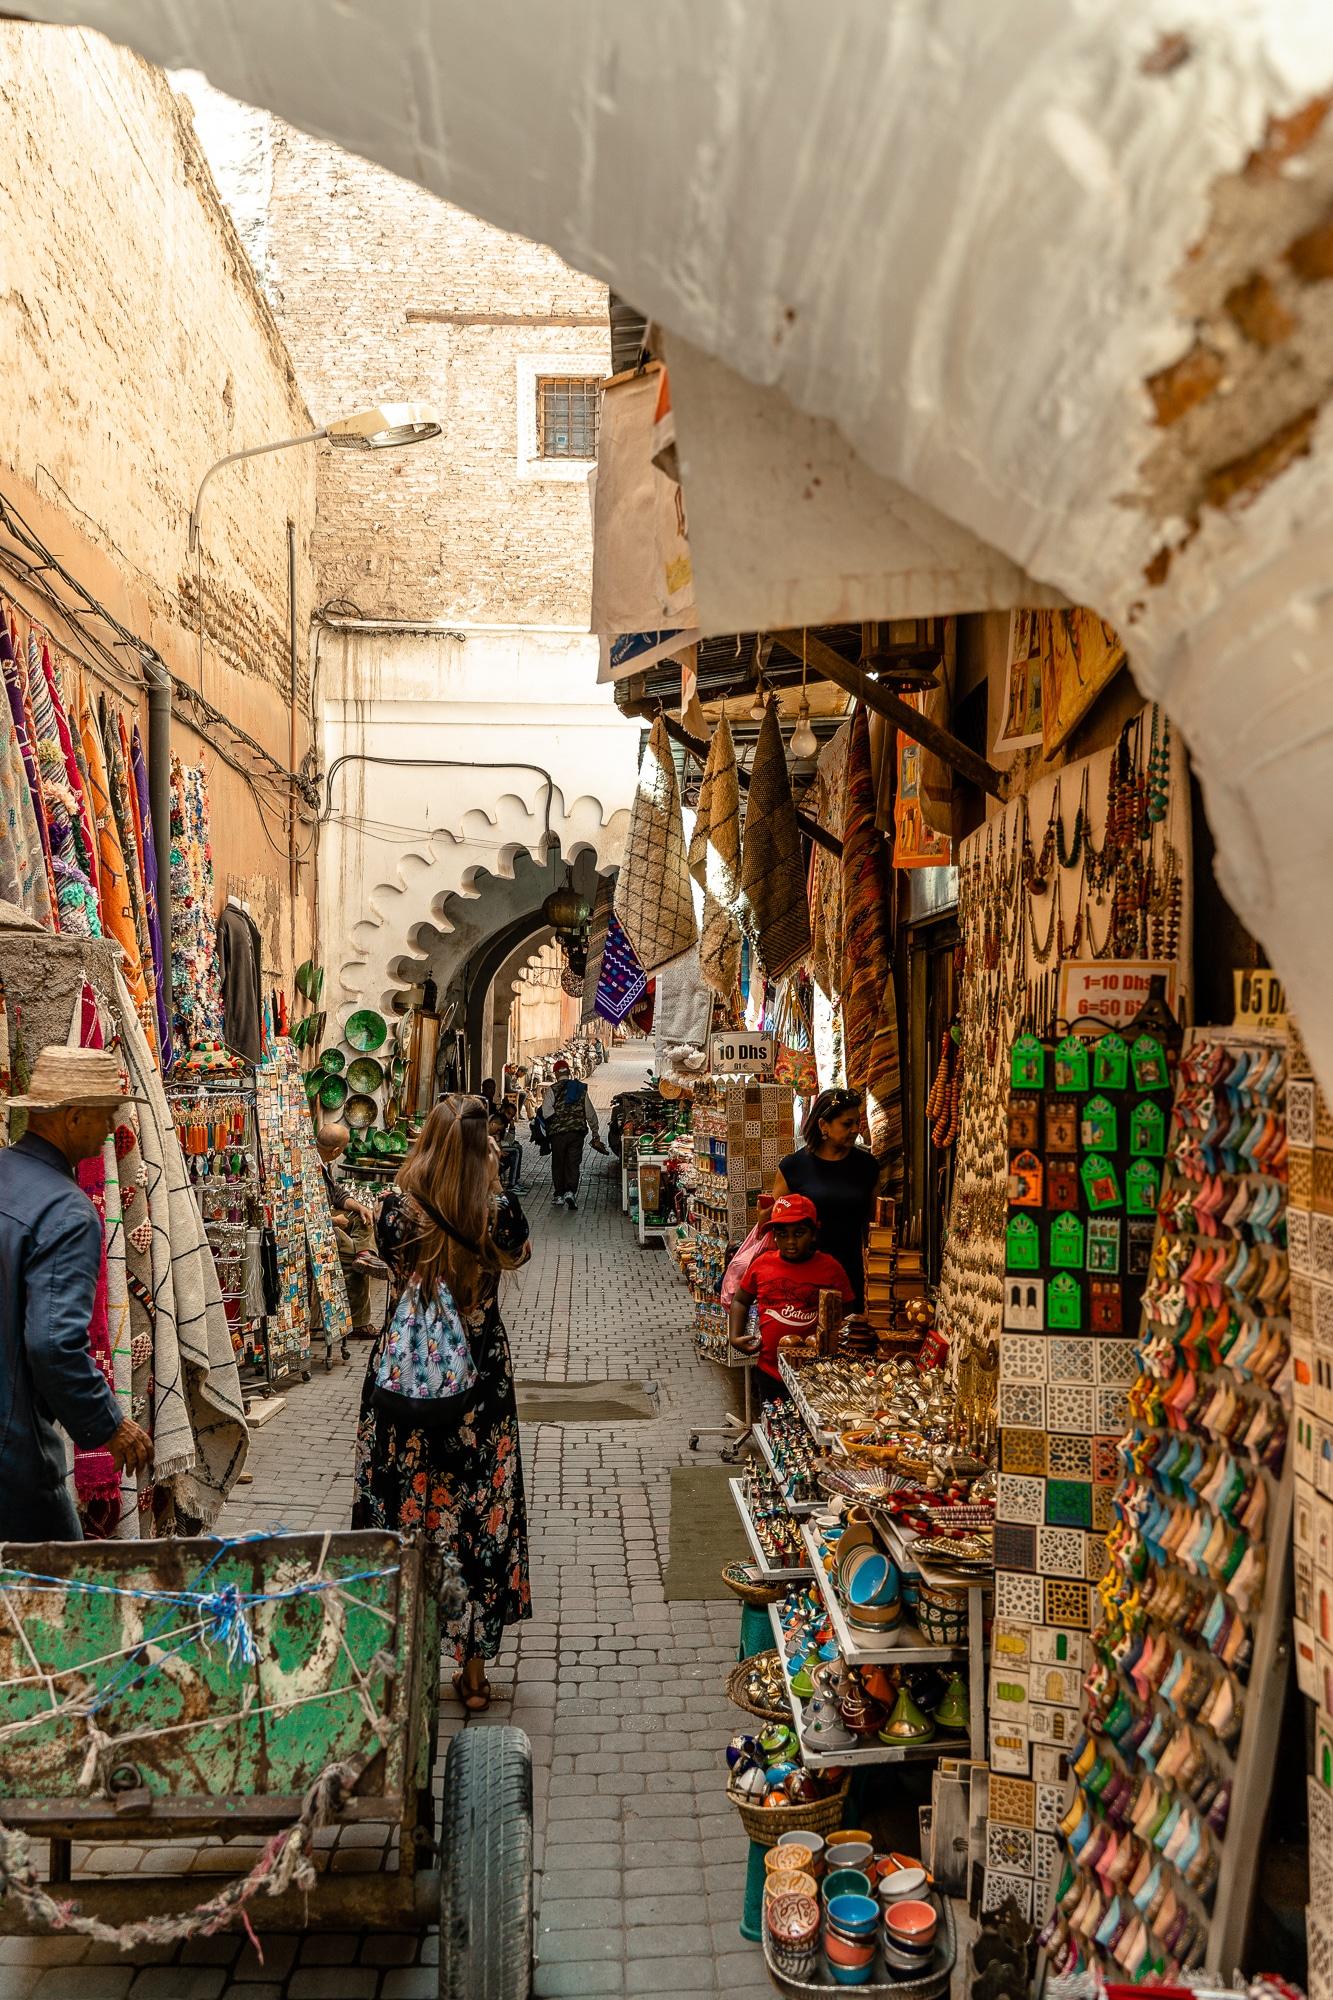 Top Ten Marrakesch Sehenswürdigkeiten - meine Marrakesch Highlights: Souk Medina